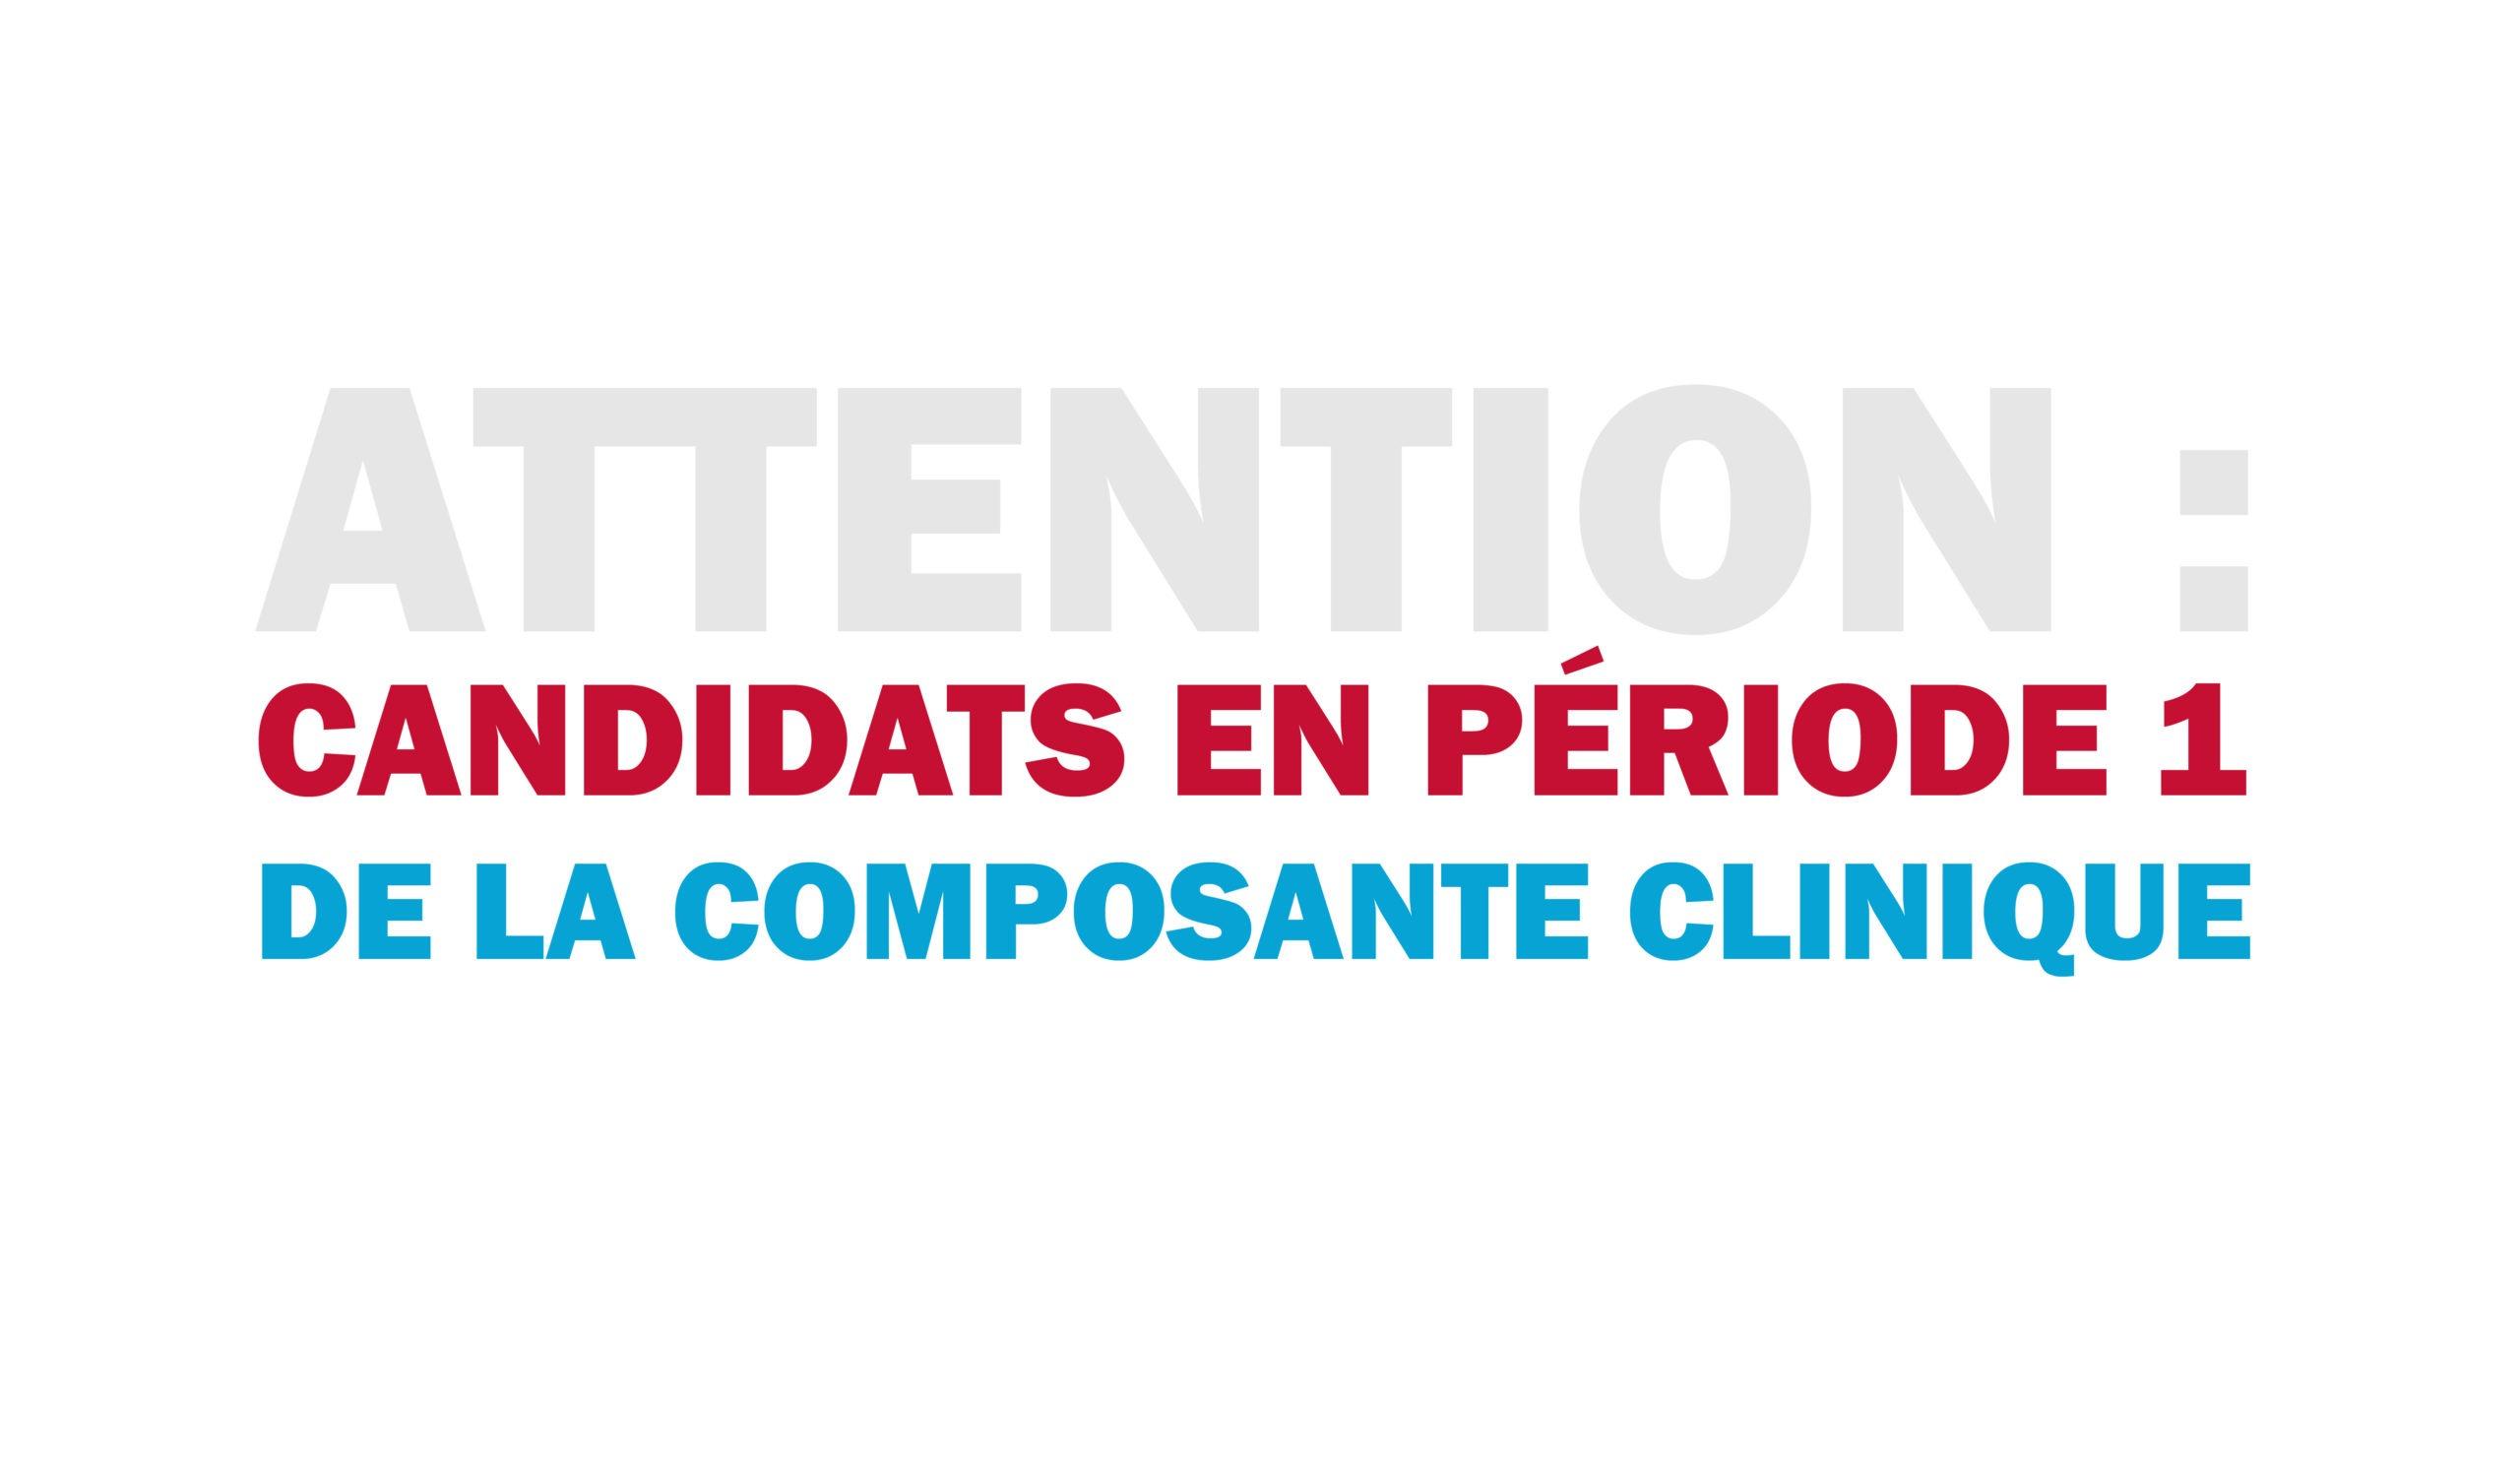 L'échéance pour la composante clinique Période 1 est fixée à aujourd'hui 7 Juillet!